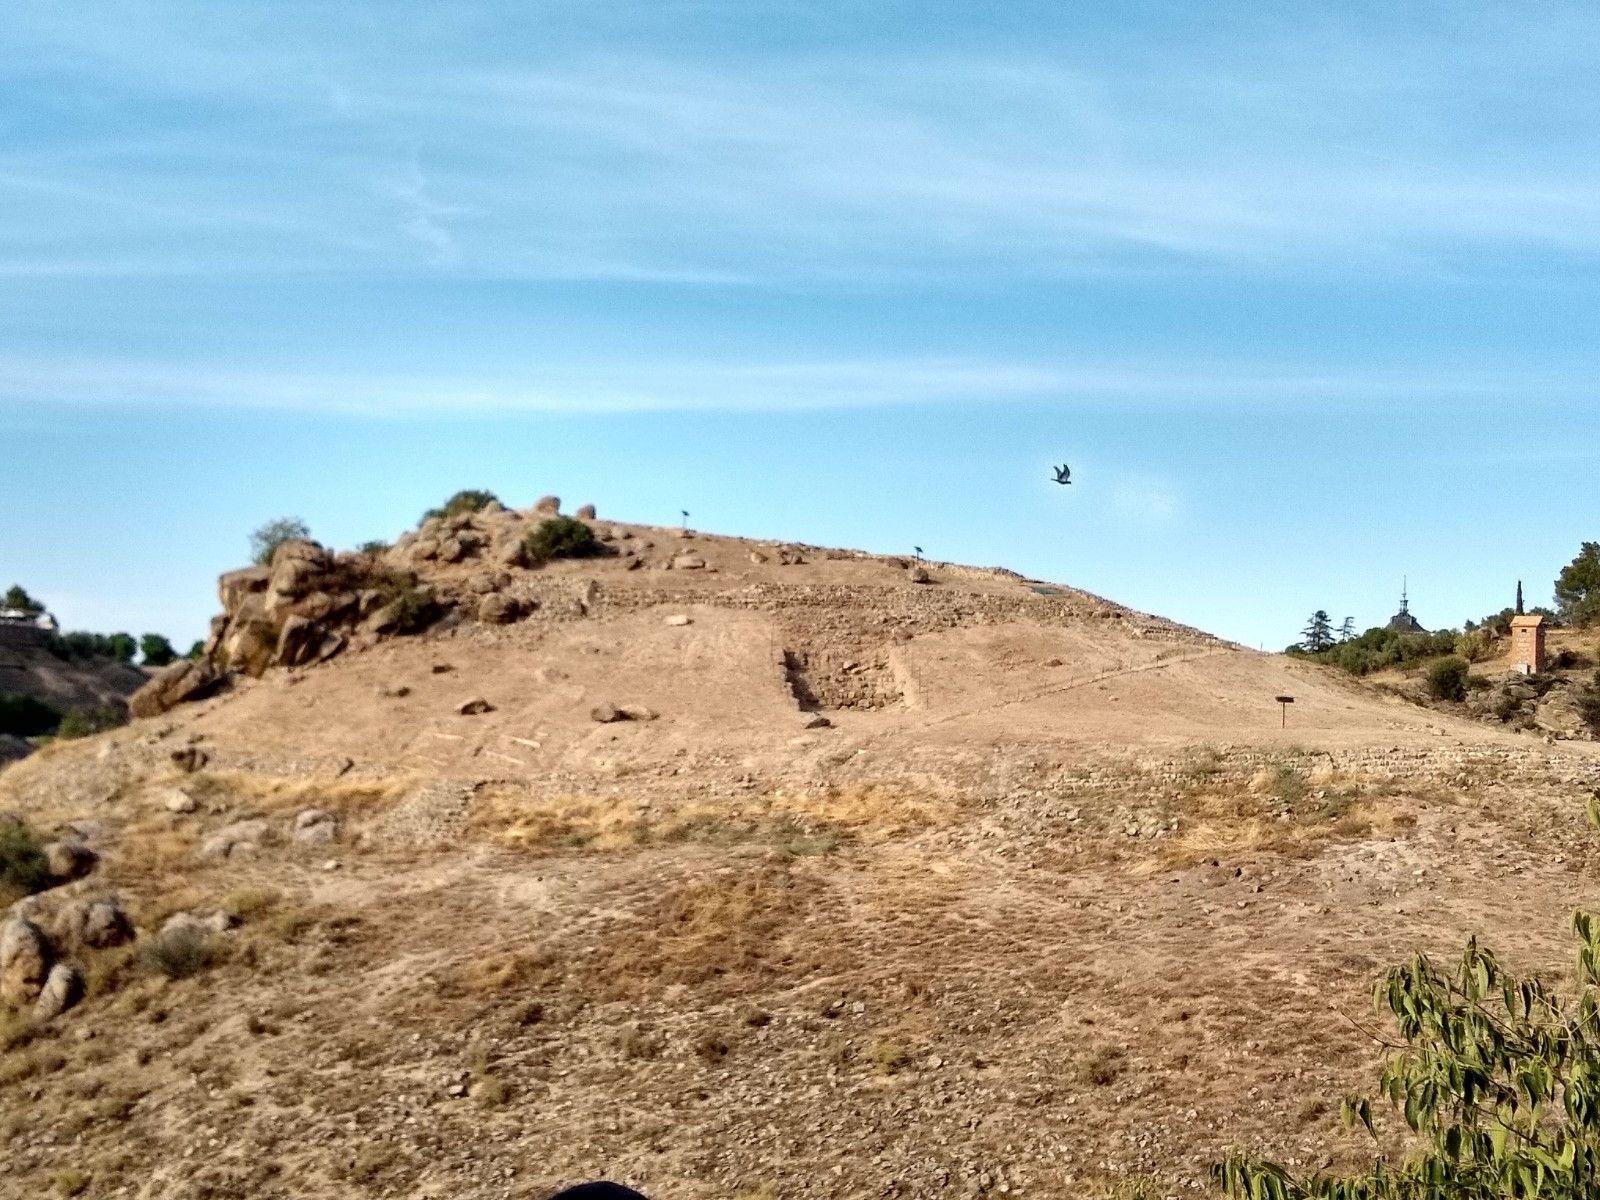 El cerro, es un cerro pelado de arenisca con una zona pedregosa en el lateral